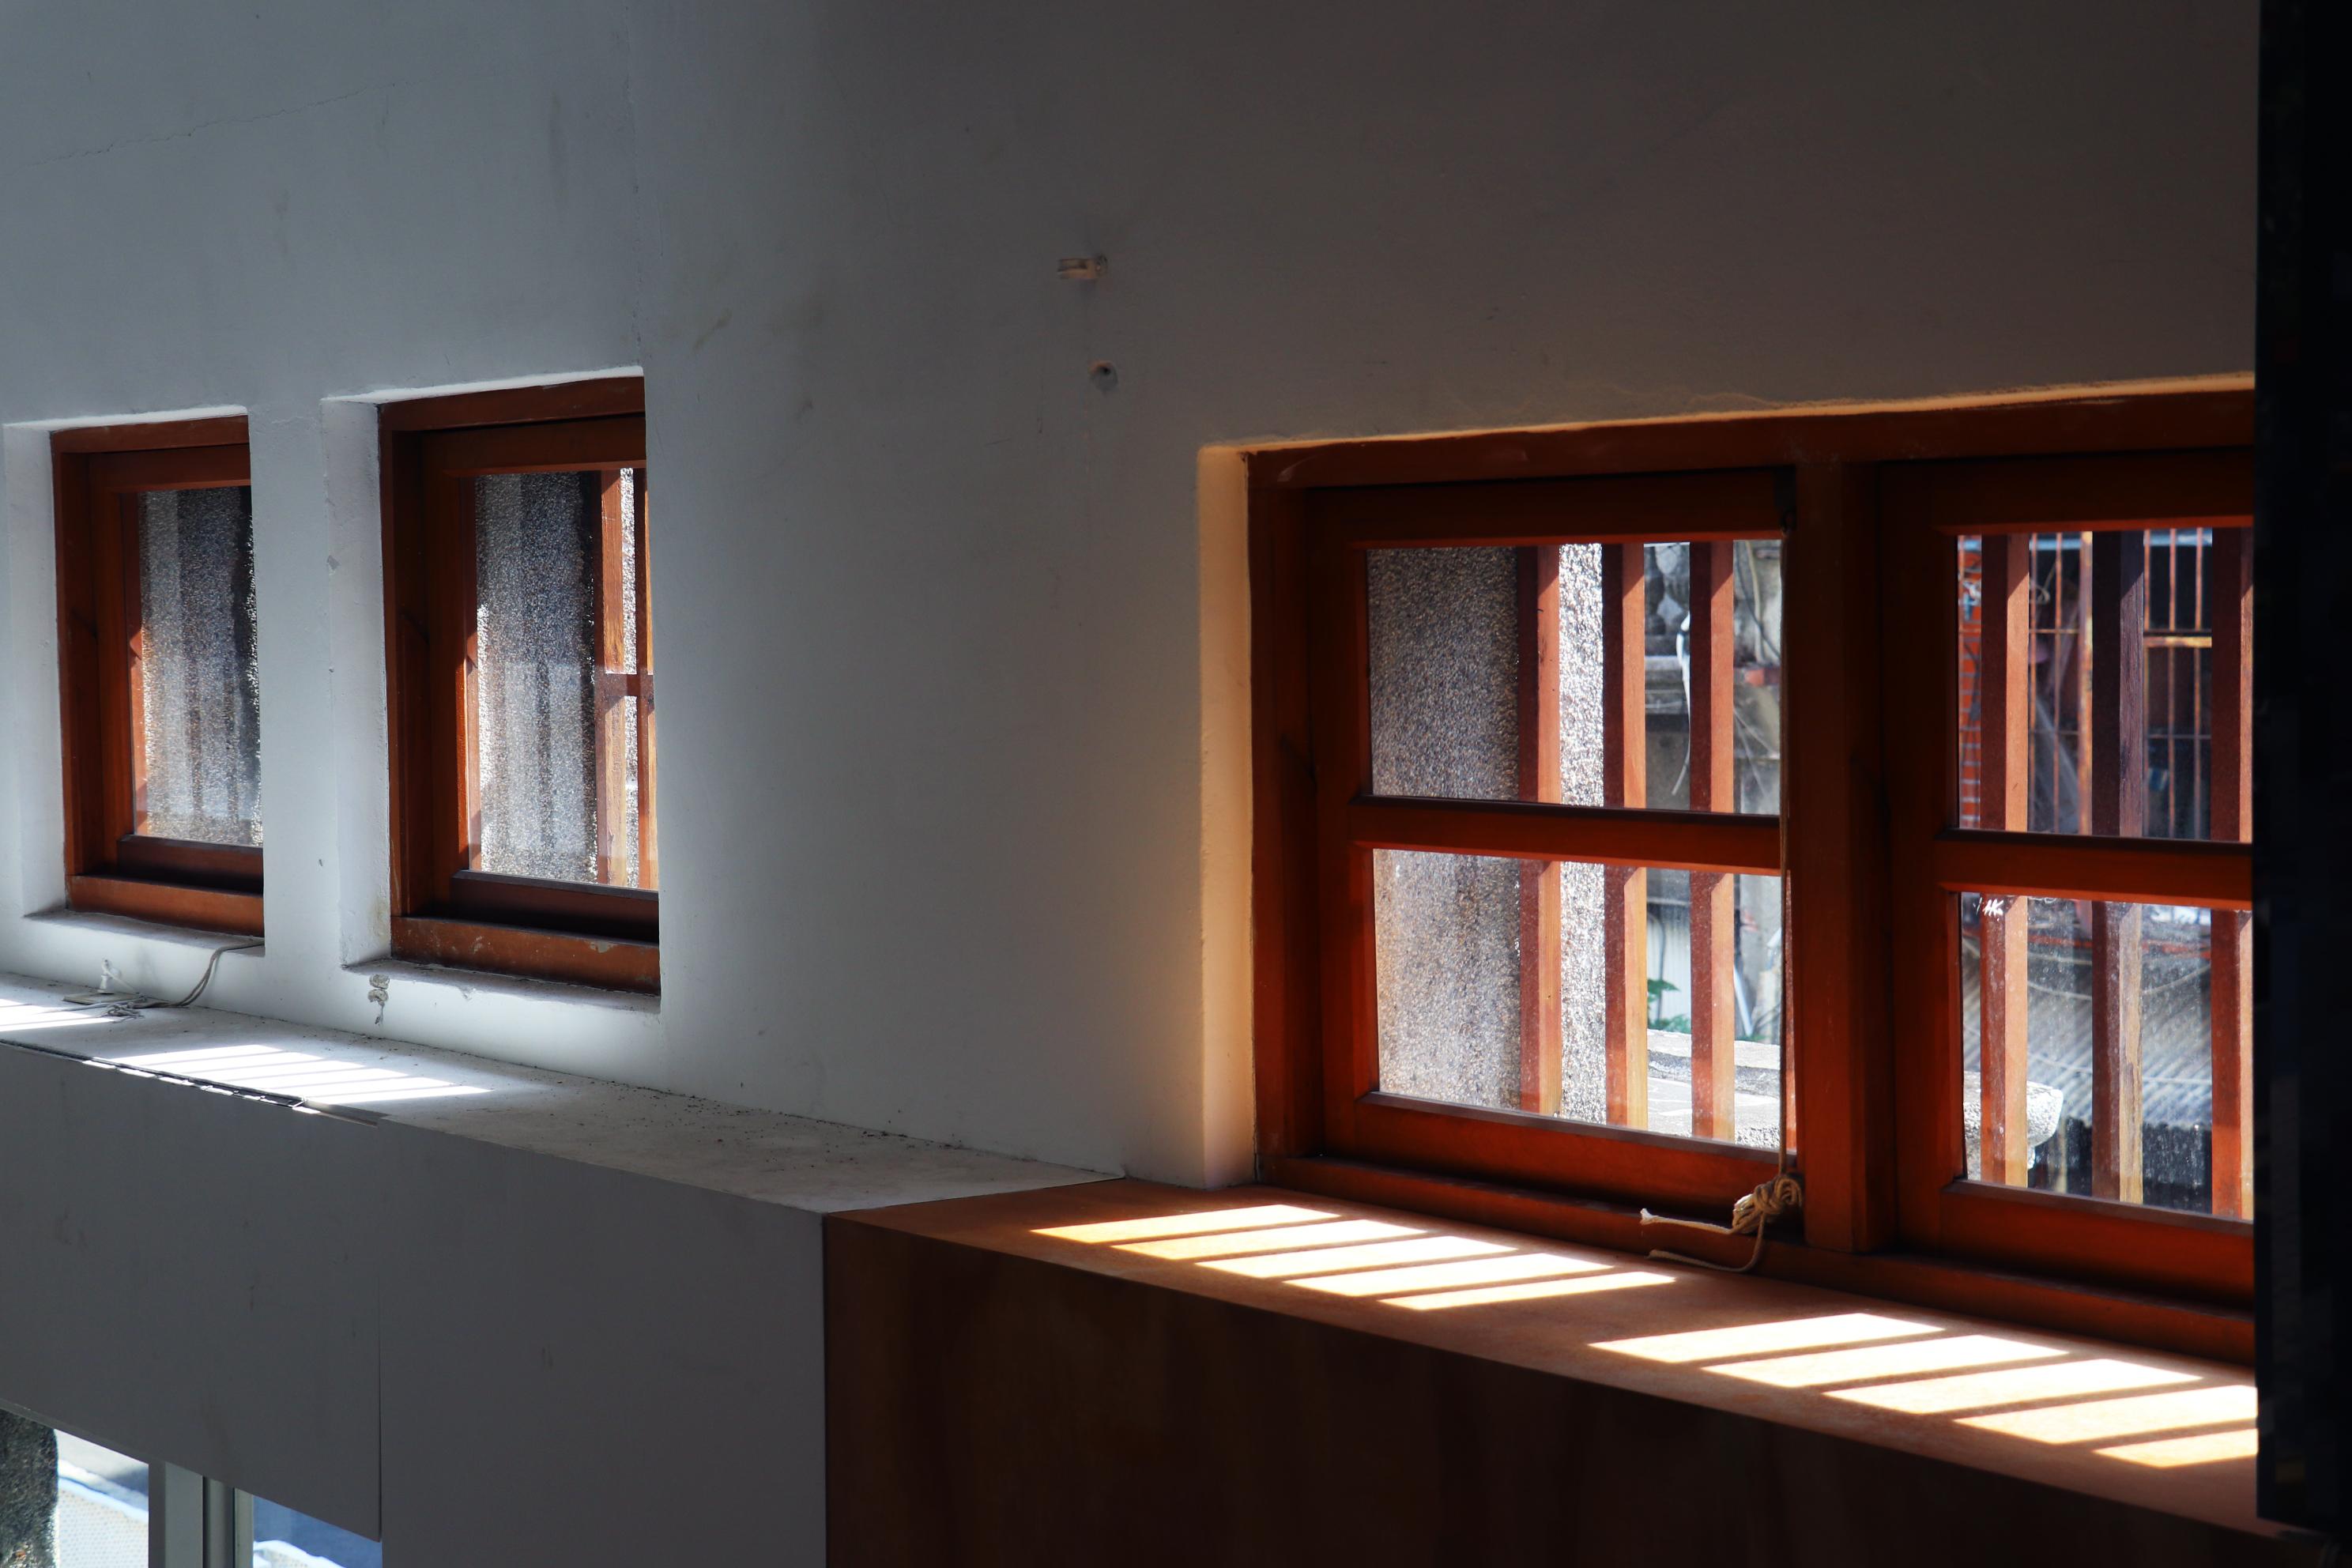 陽光照進入口上的窗台。